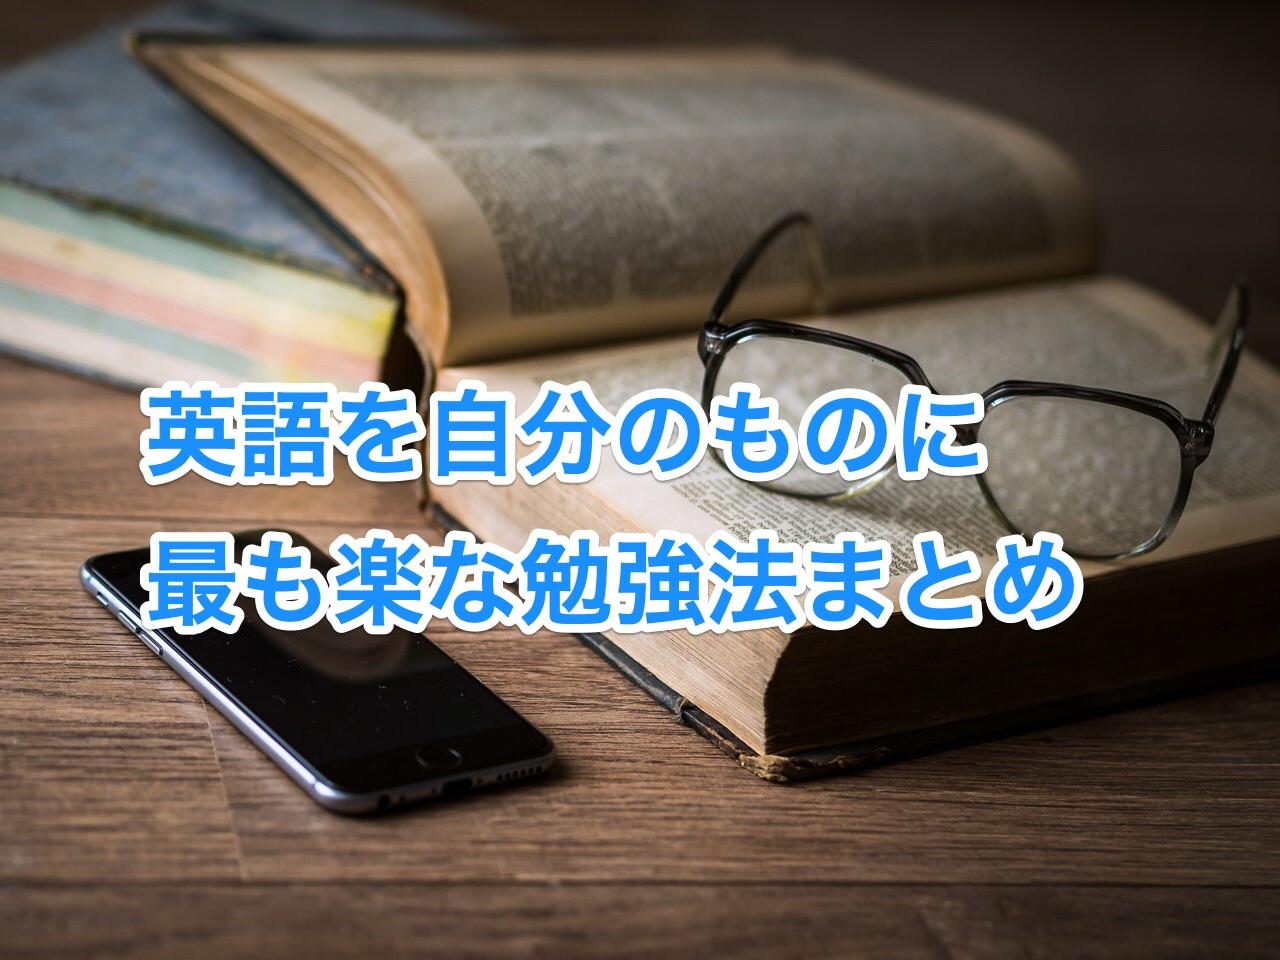 これからの時代は英語が必須。最高率で英語を習得するために私が行っていること